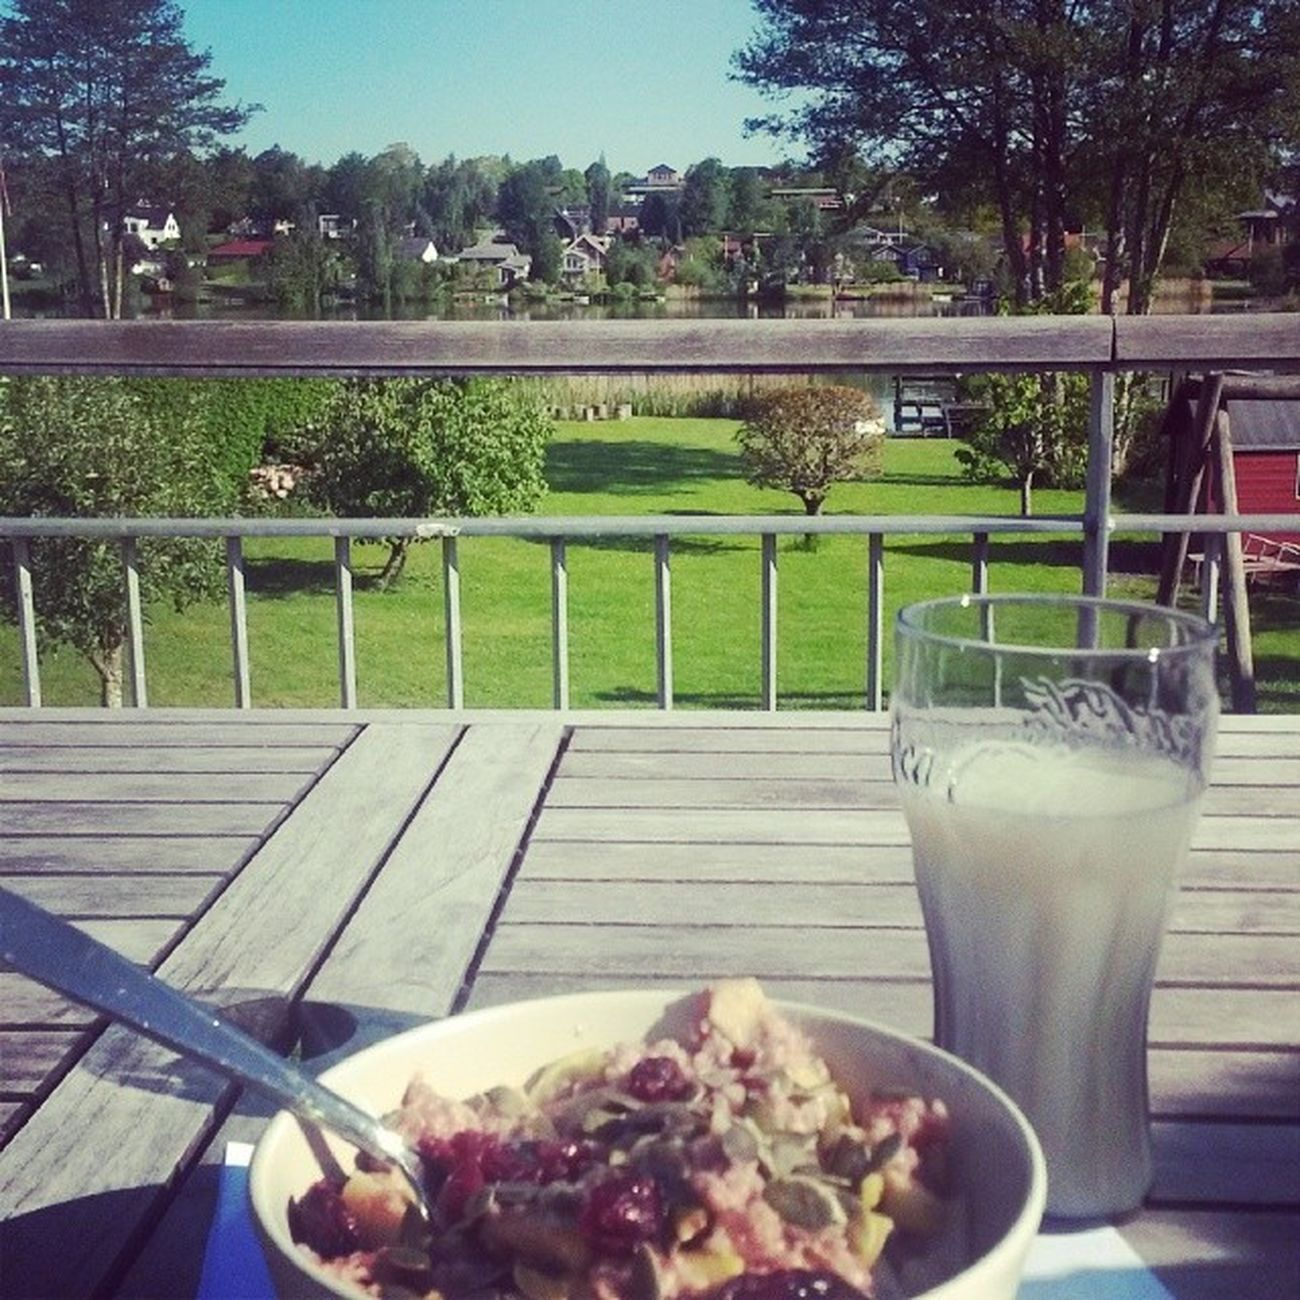 Morgenmad på terrassen i det smukkeste solskin :) Renlykke Hjemkærehjem Læseferie Virklund